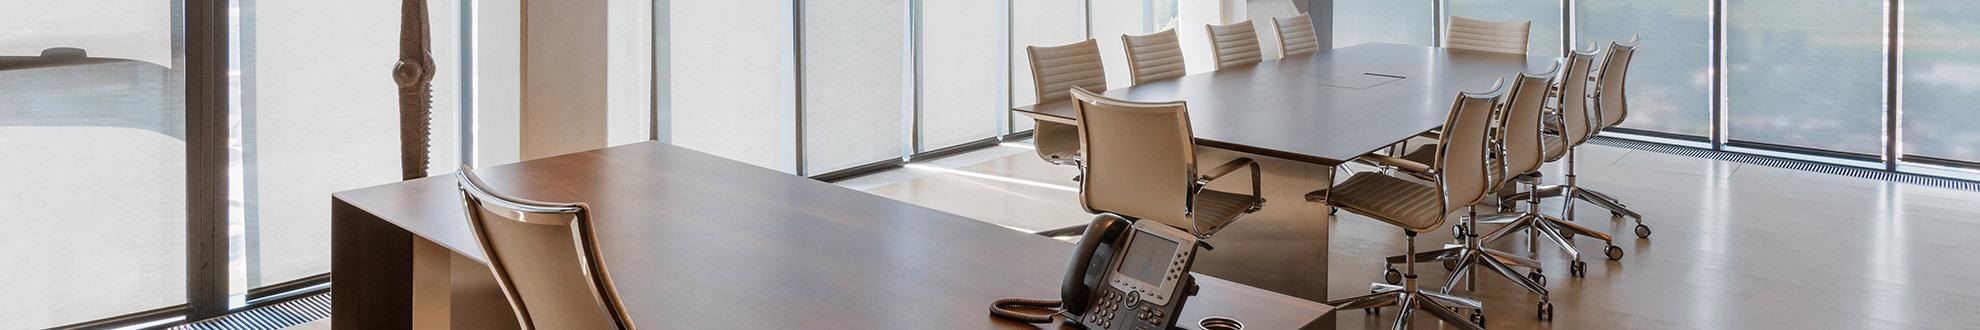 Prvovrstvni pisarniski prostori